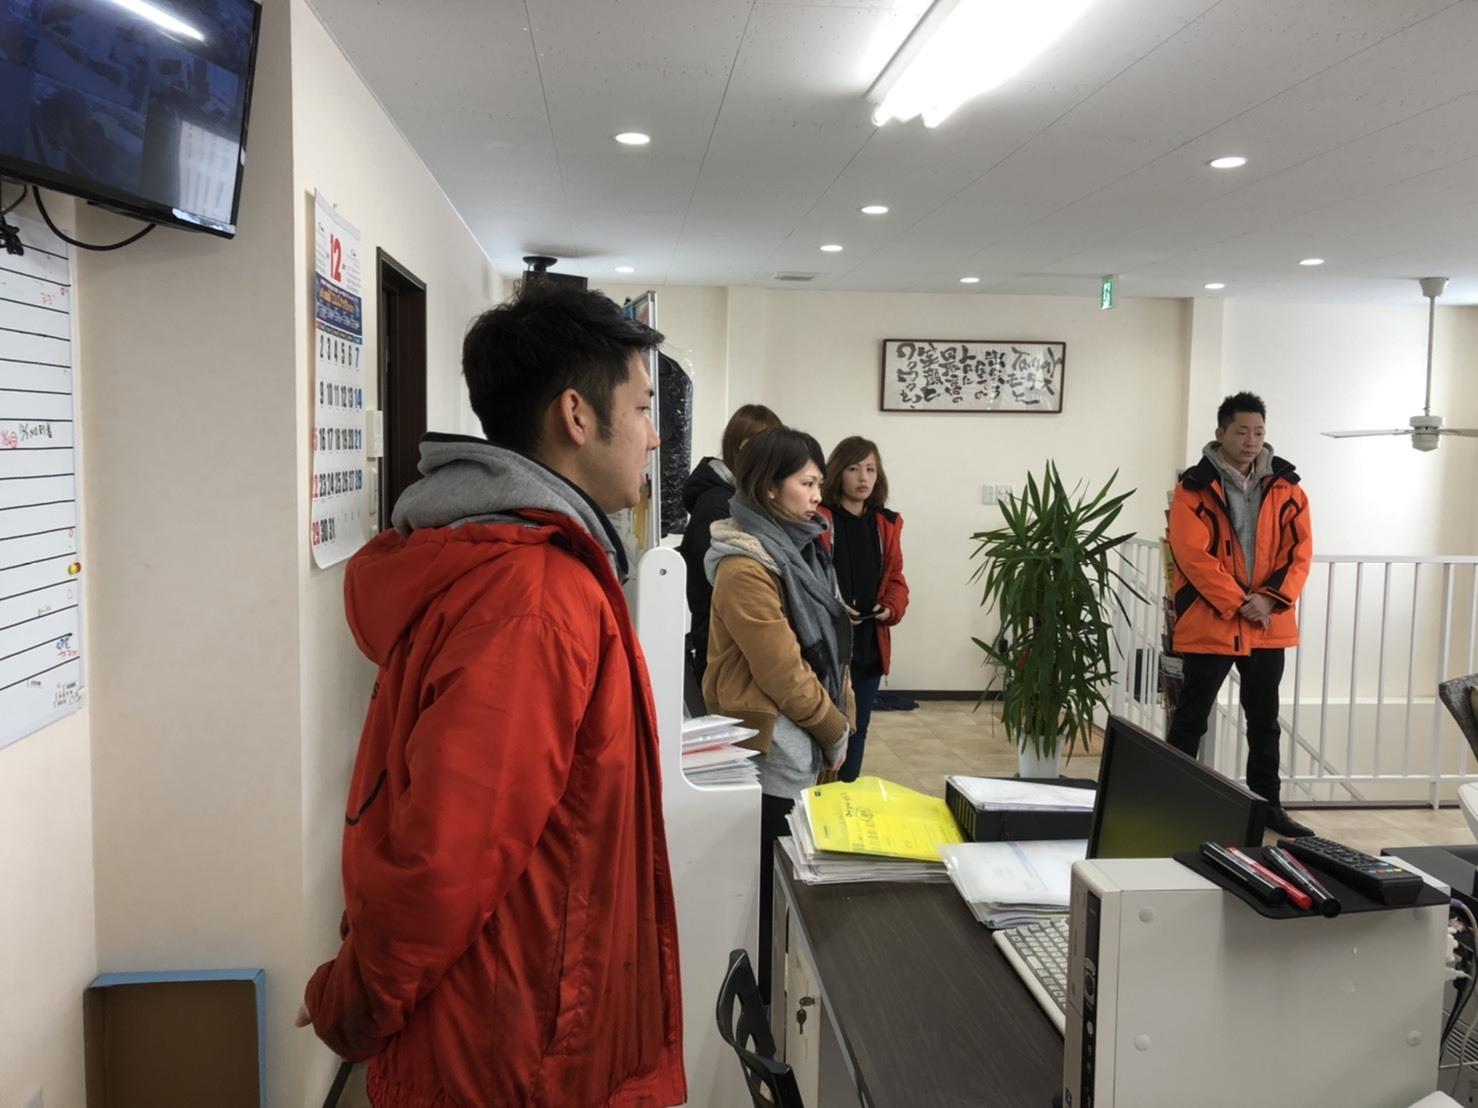 12月4日(水)トミーベースブログ☆レクサス♬LS460🎶LS600h🎶フーガ♬レガシィ♬クラウン♬限定車☆カスタムカー☆希少車☆自社ローン_b0127002_18283443.jpg